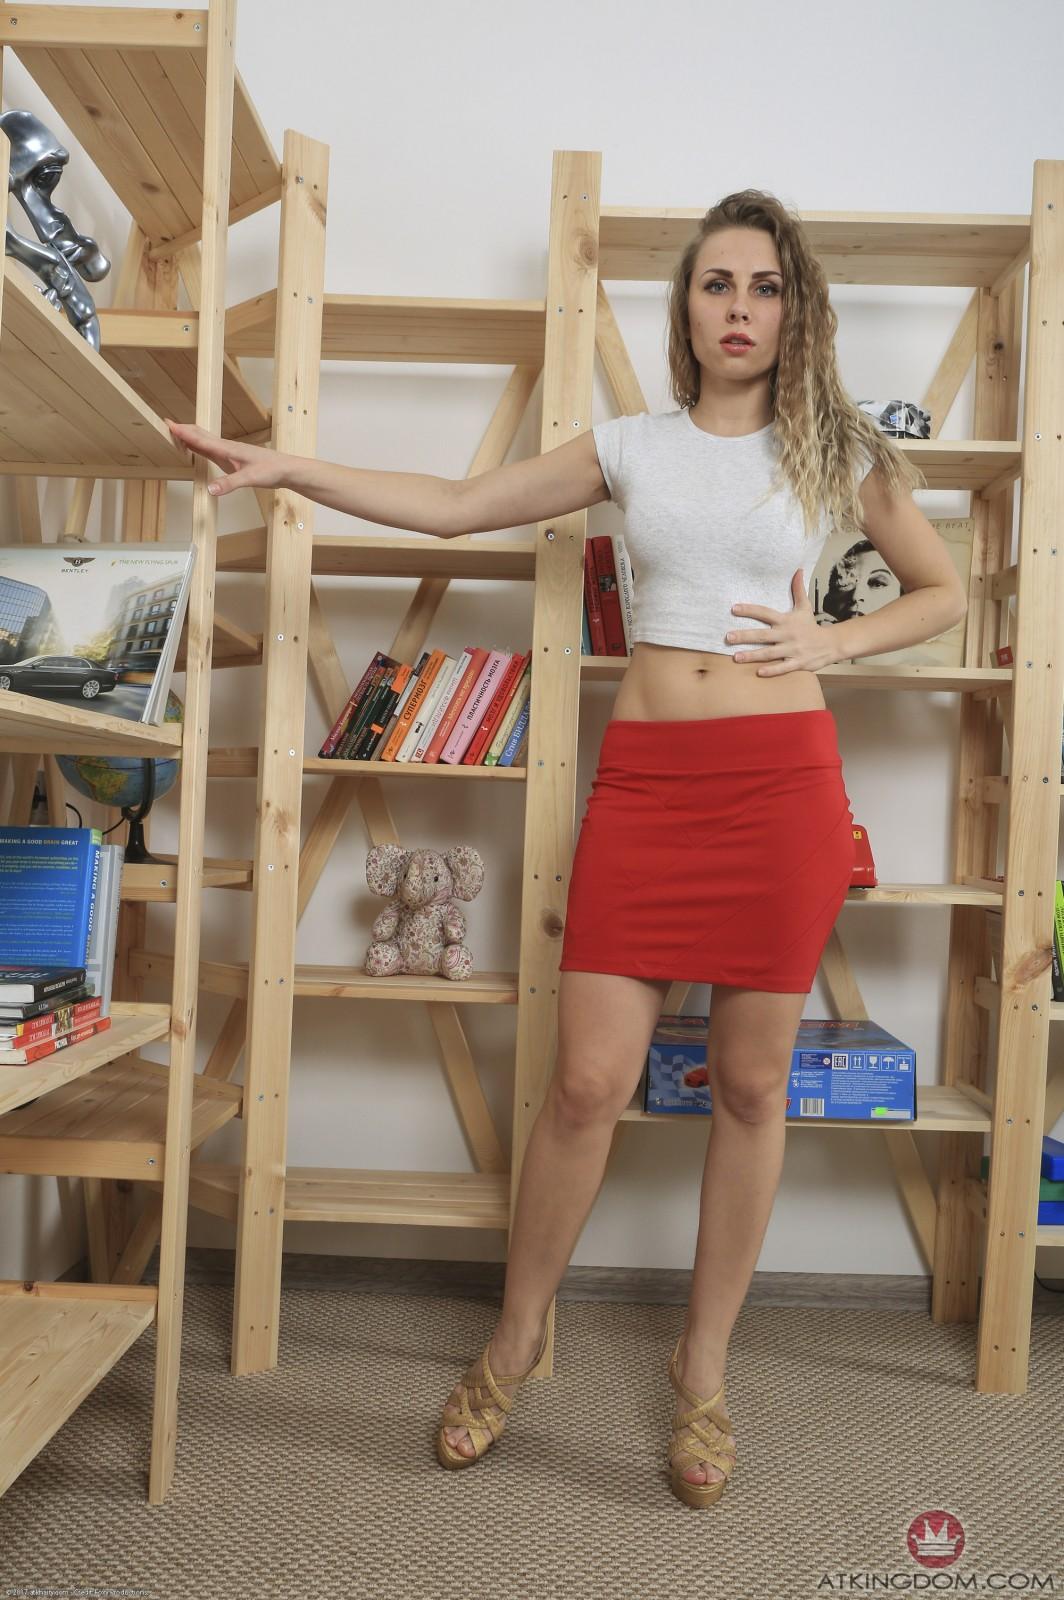 atkmodels blog galleries Margaret8719 Margaret0_big jpg